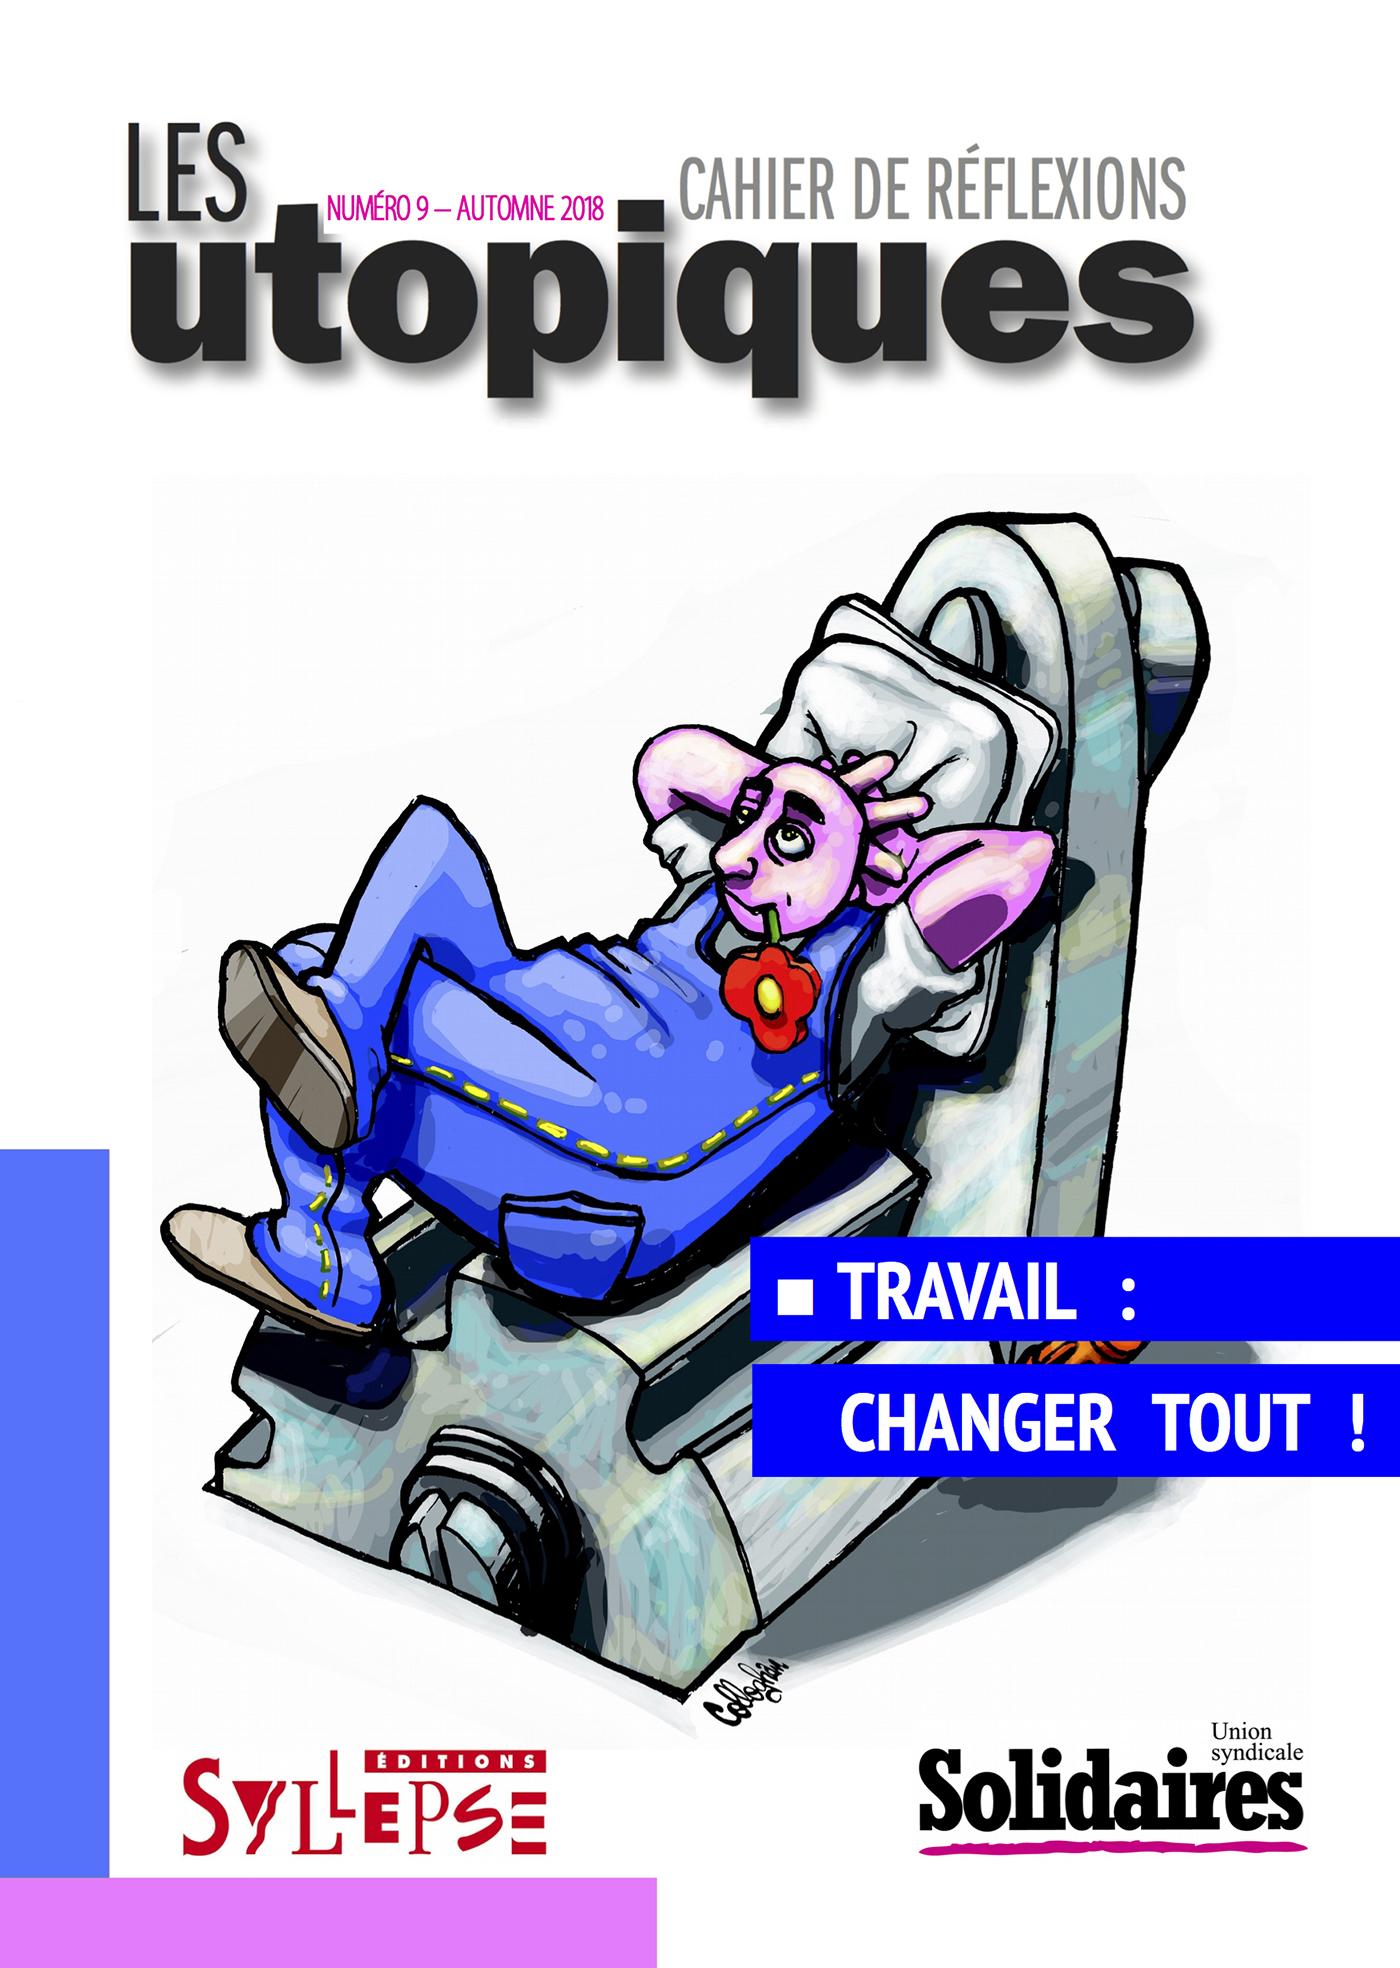 TRAVAIL: CHANGER TOUT!